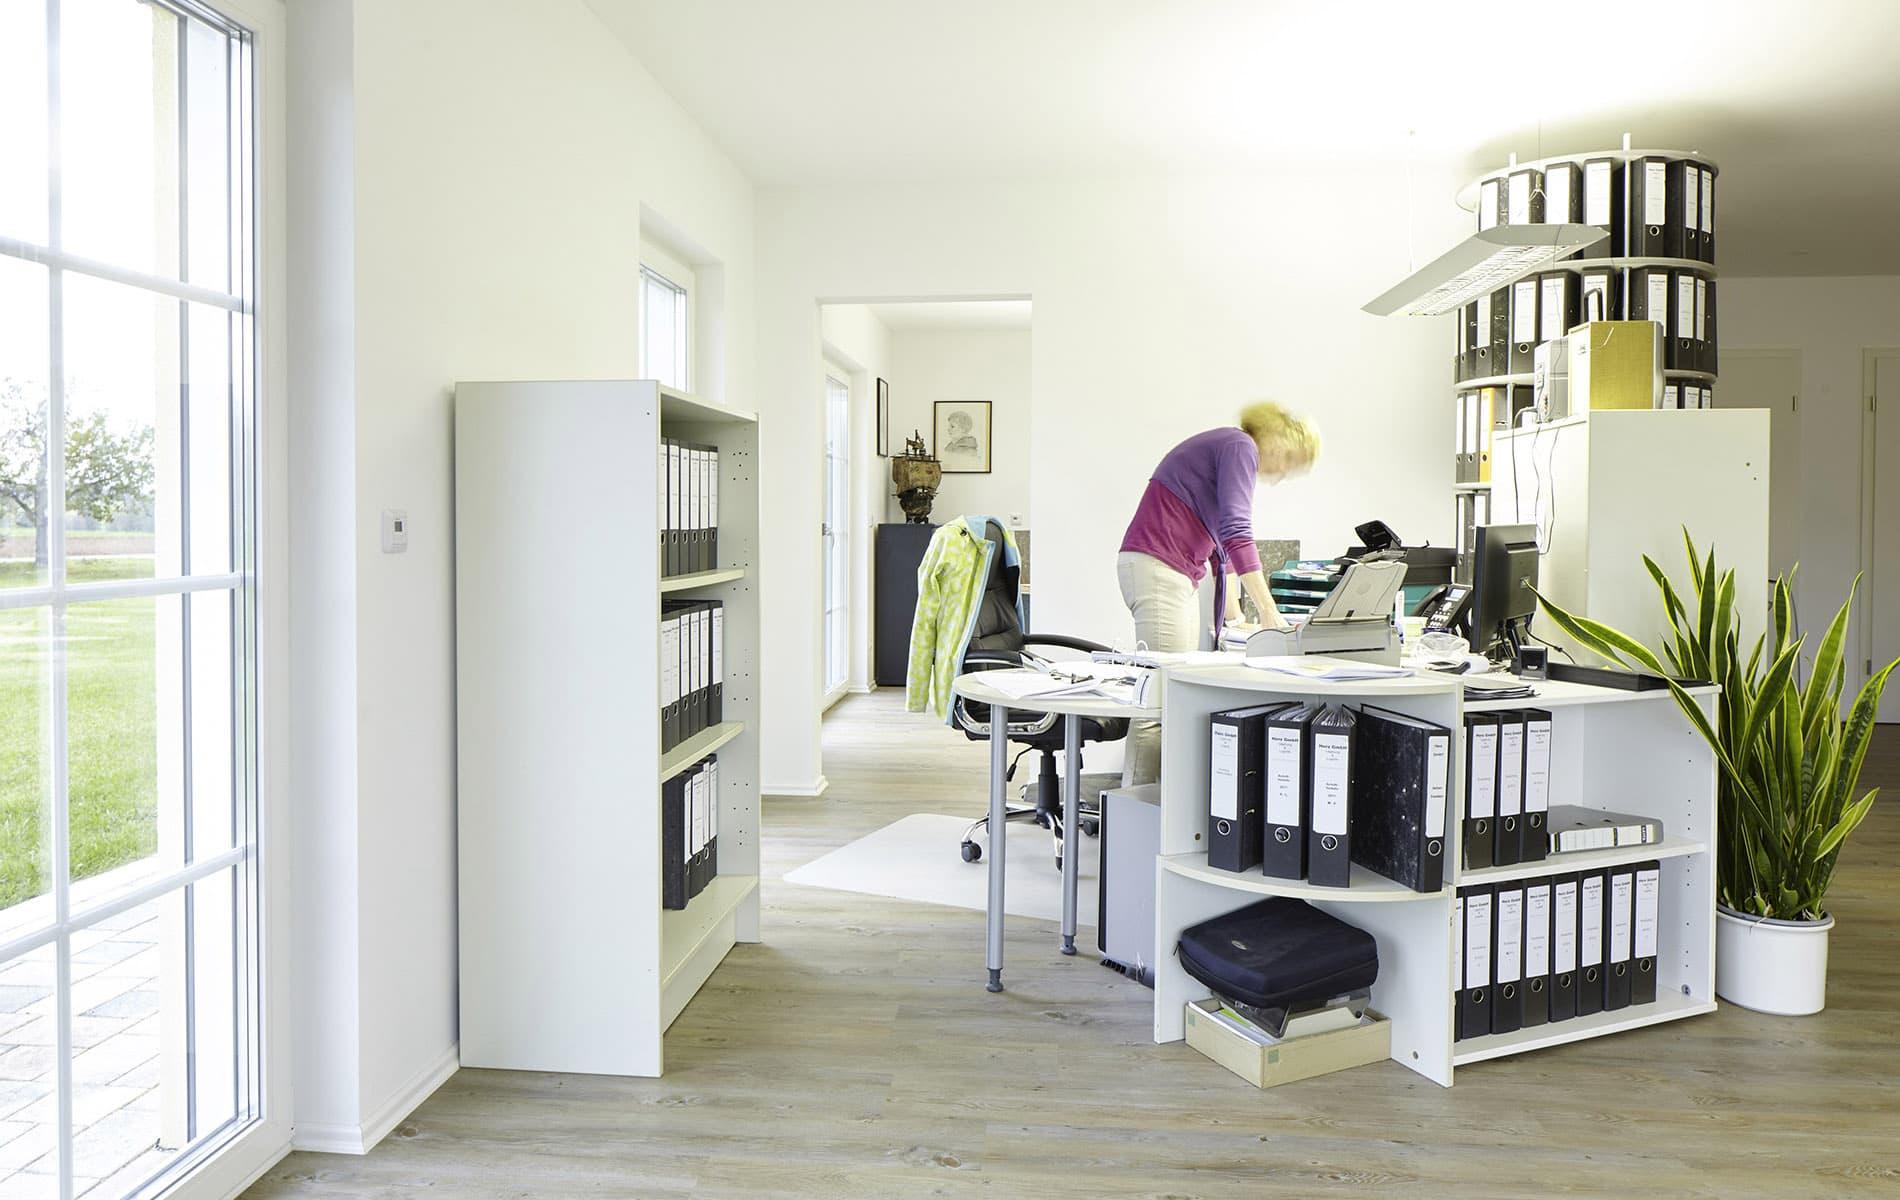 Ein Hausanbau beherbergt Büroräume